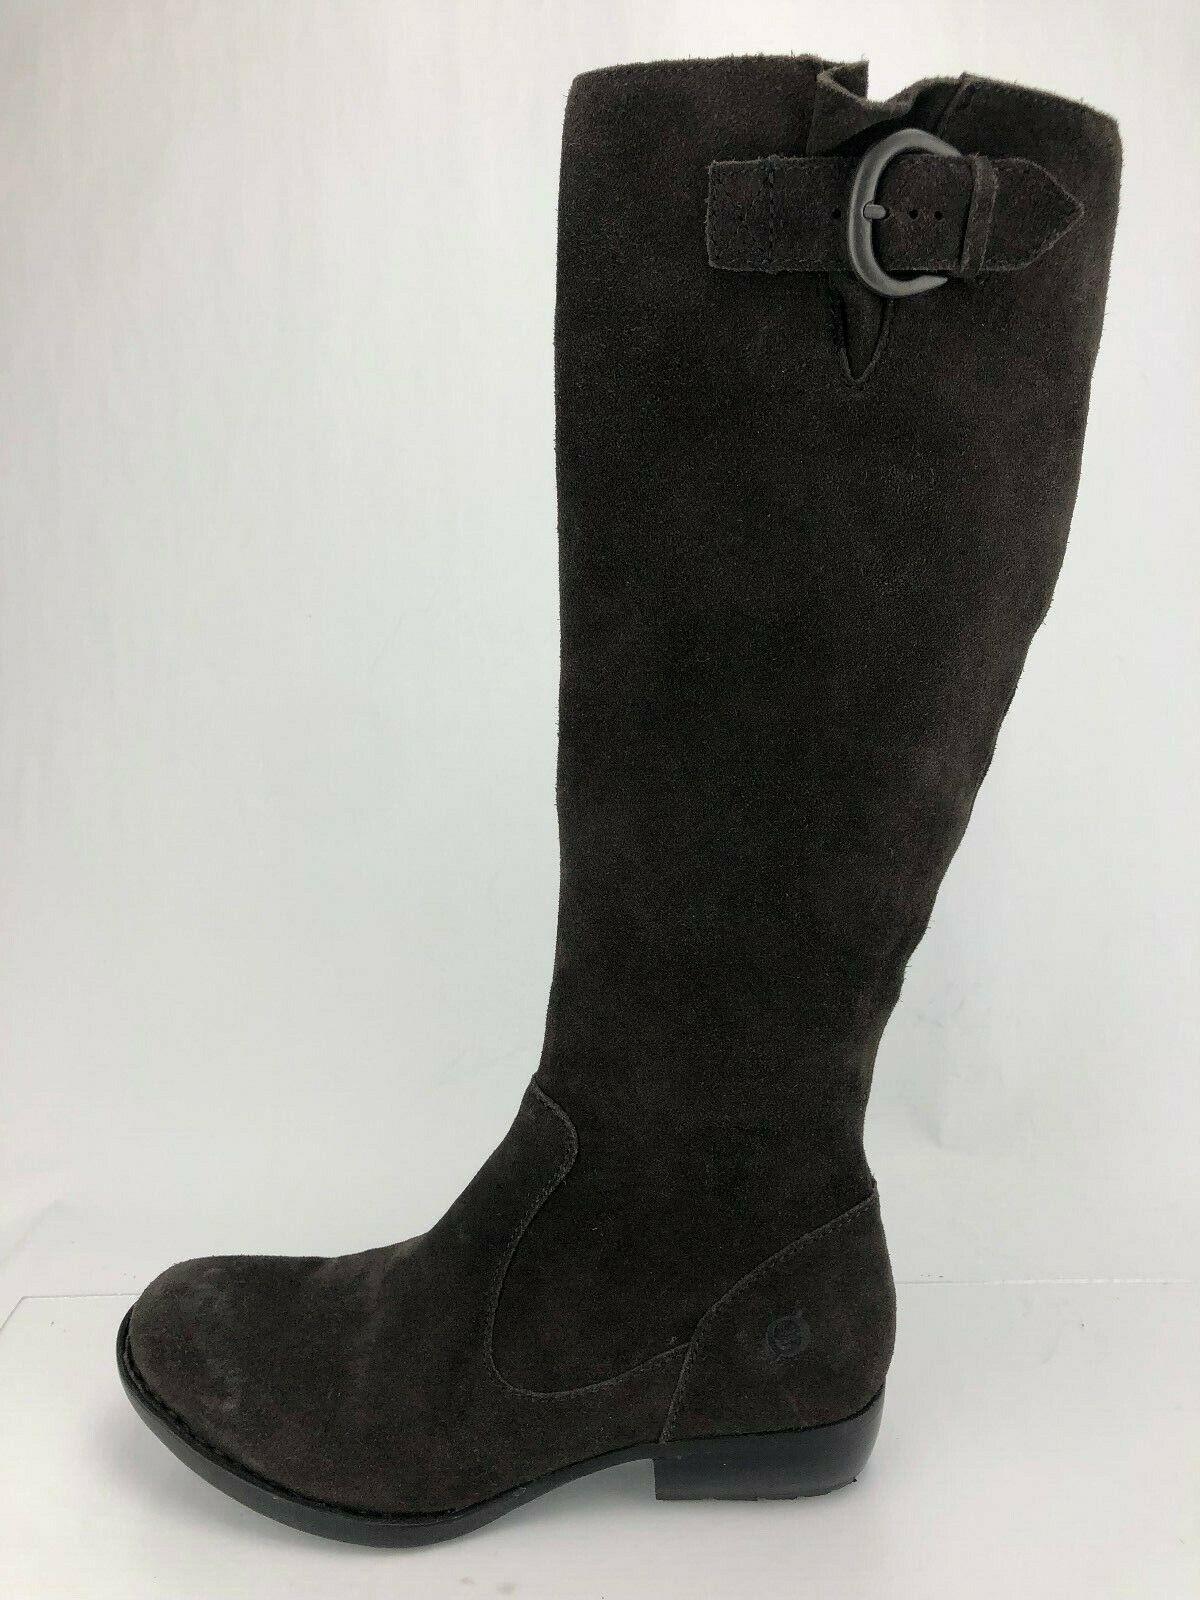 Nacido la Rodilla botas Altas Cremallera Gamuza Marrón Zapatos de montar a caballo de la Hebilla Ajustable para Mujer 6.5 M